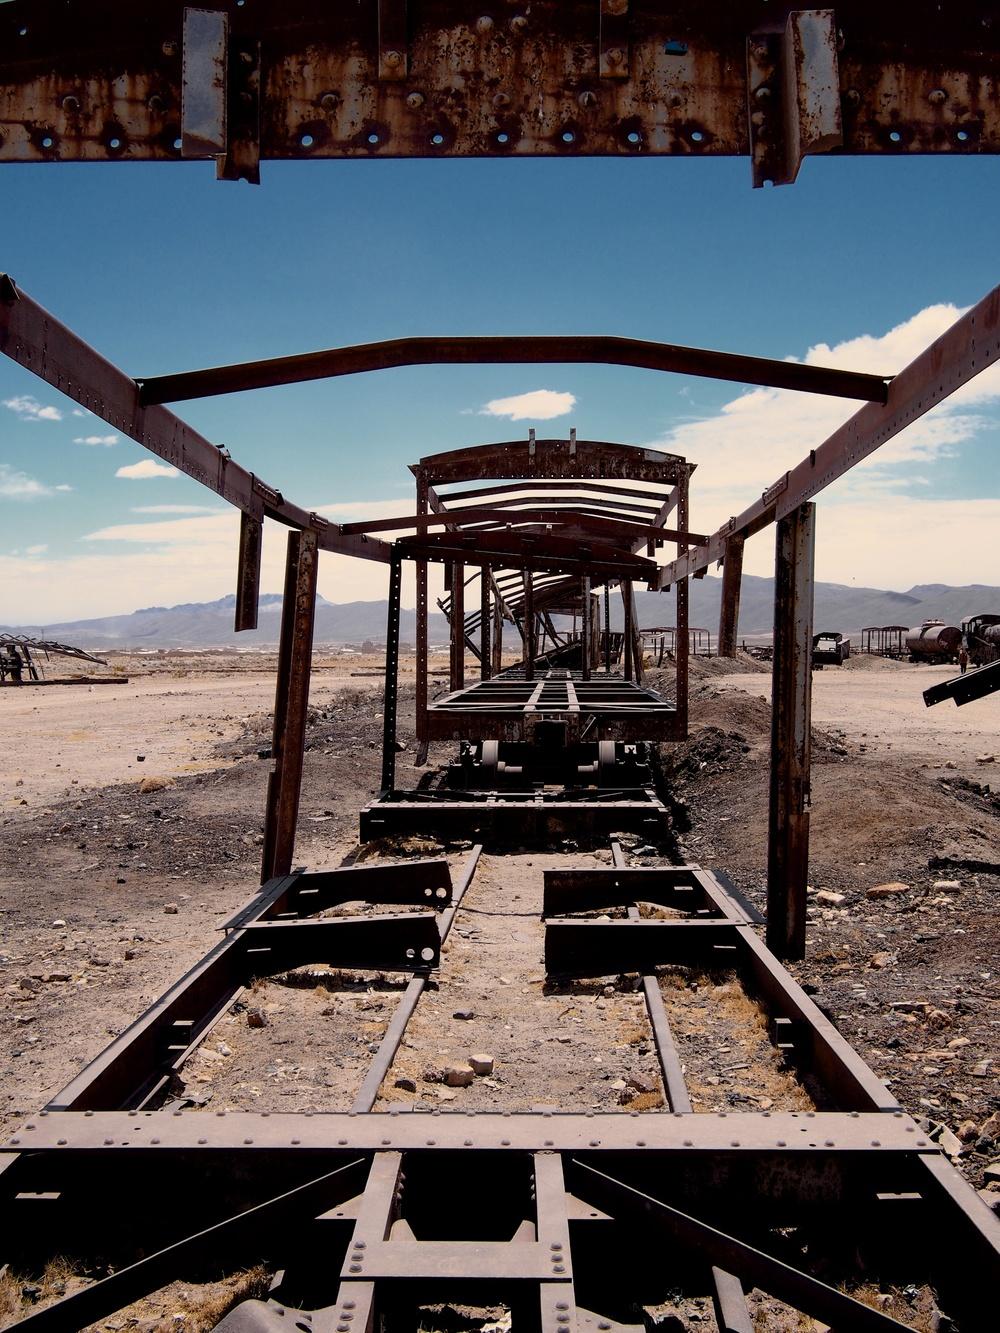 Cementerio de trenes (train cemetery) 3 km outside of Uyuni where a collection of abandoned 19th century trains still live